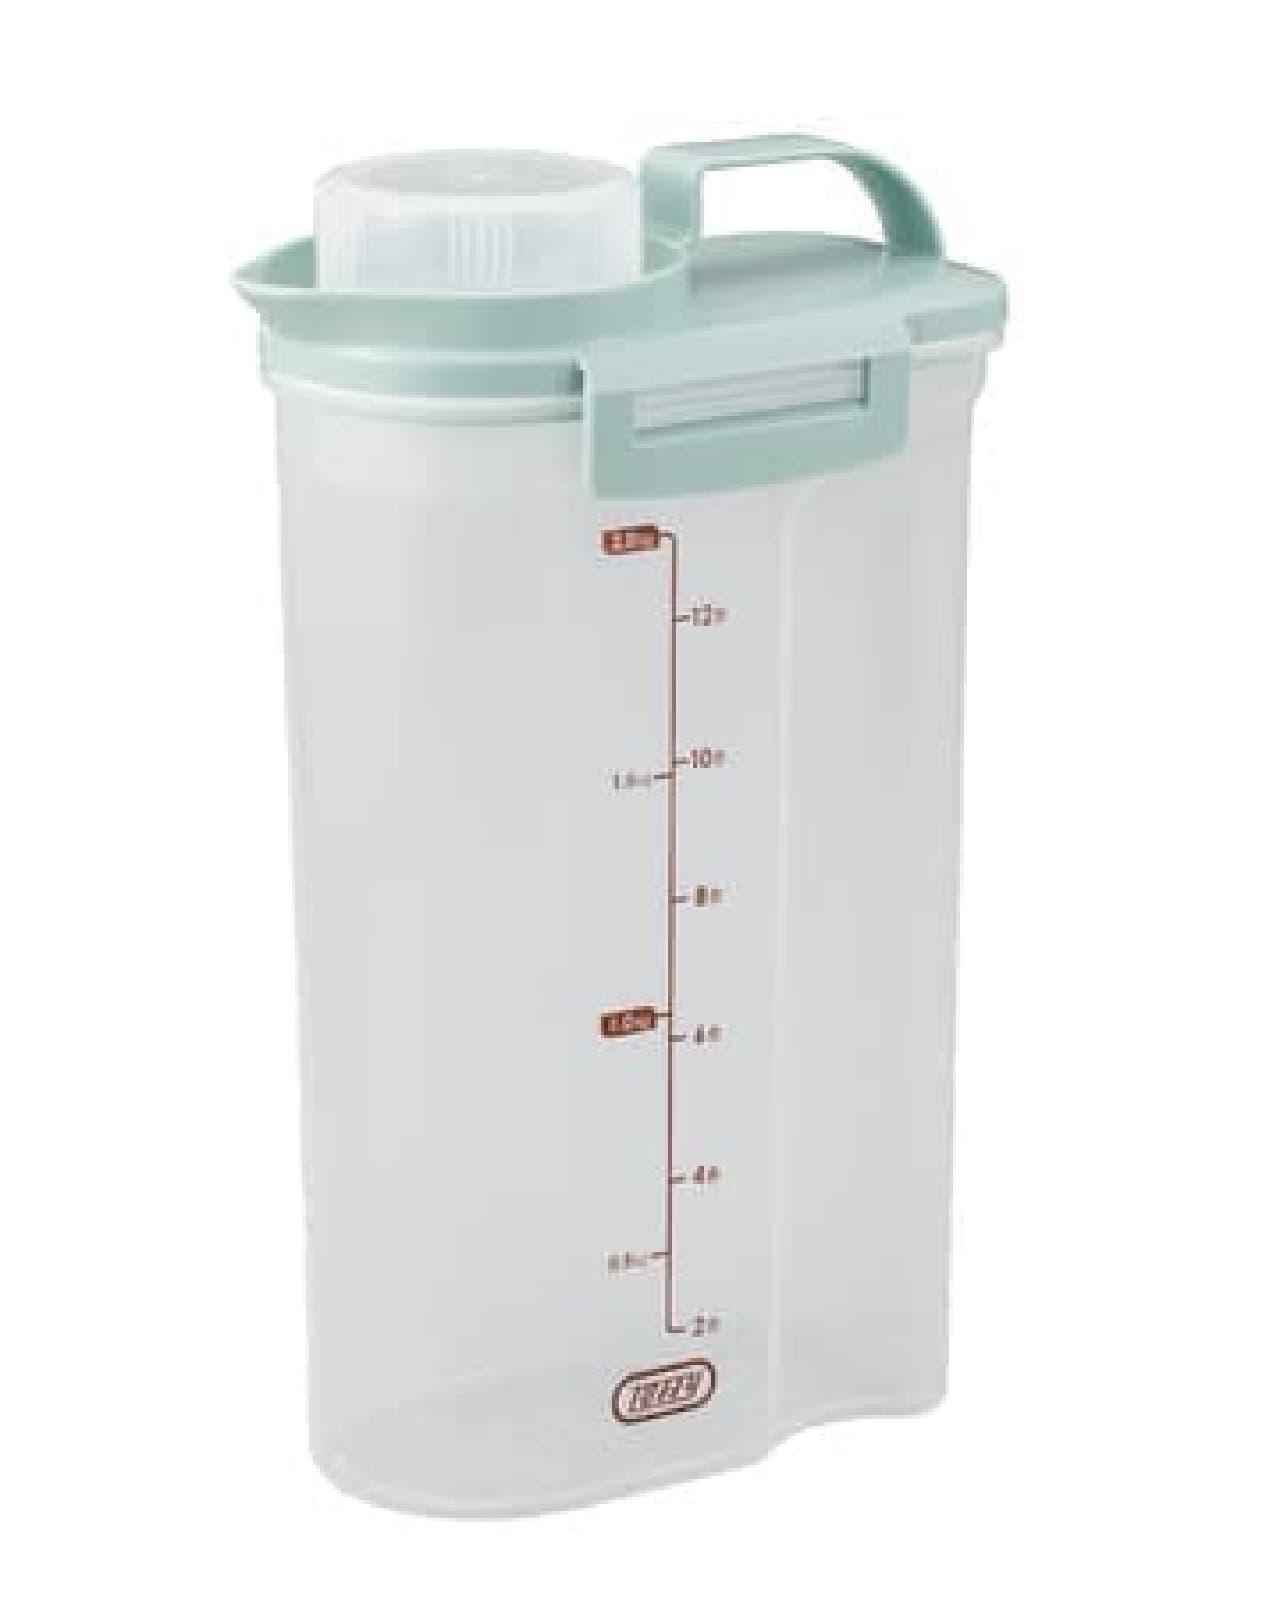 お米の鮮度キープ♪ Toffy 冷蔵庫用ライスストッカー登場 -- 移し替え・手入れも簡単